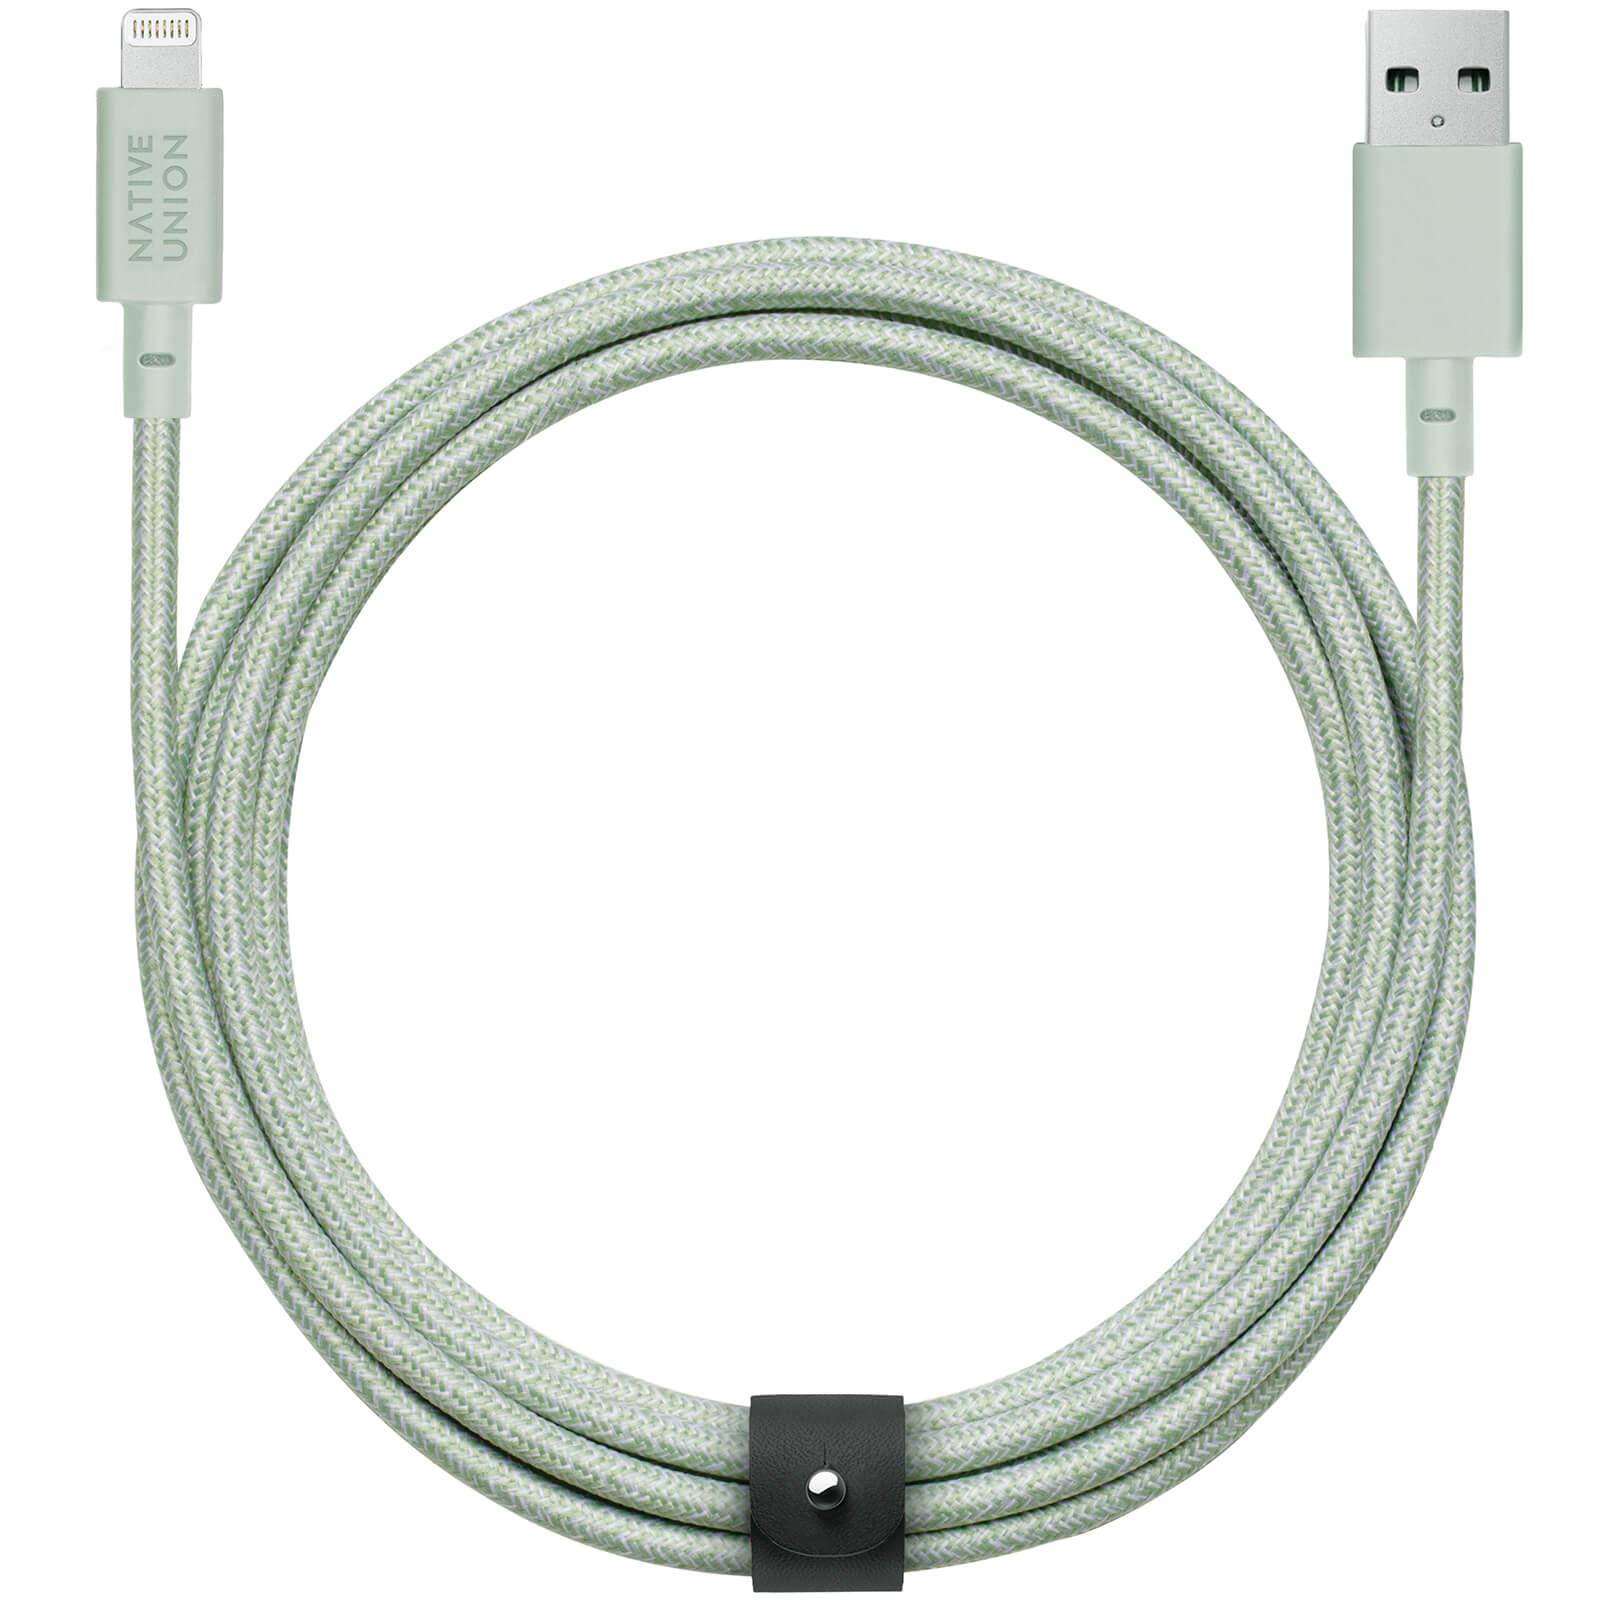 Native Union Belt Cable 3m - Sage